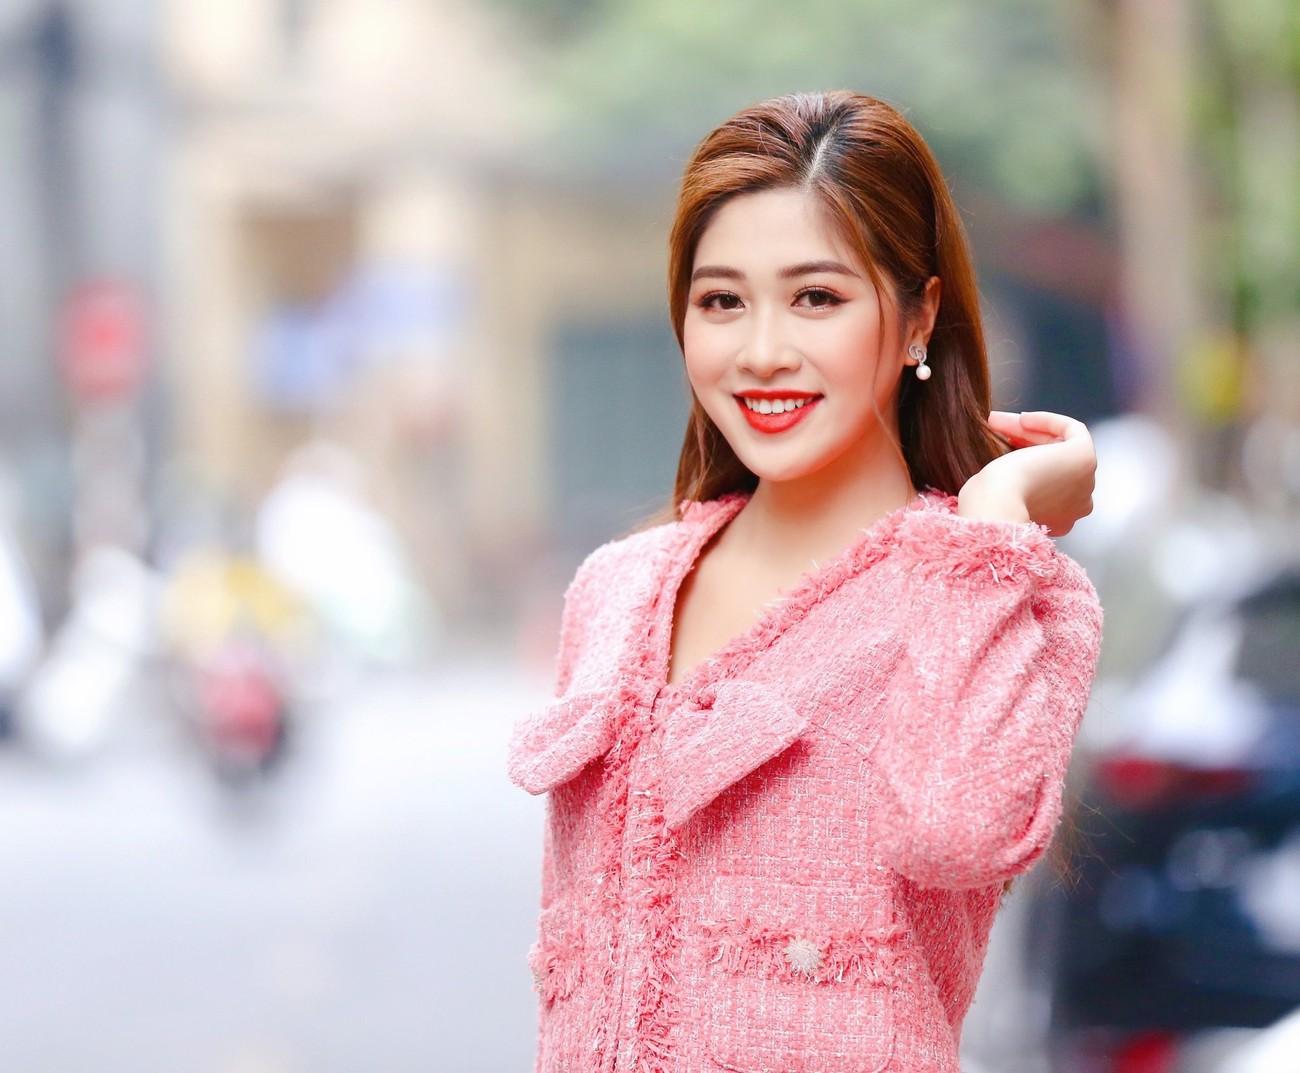 Hoa hậu Đỗ Thị Hà diện váy lệch vai khoe vóc dáng thon nuột ảnh 7